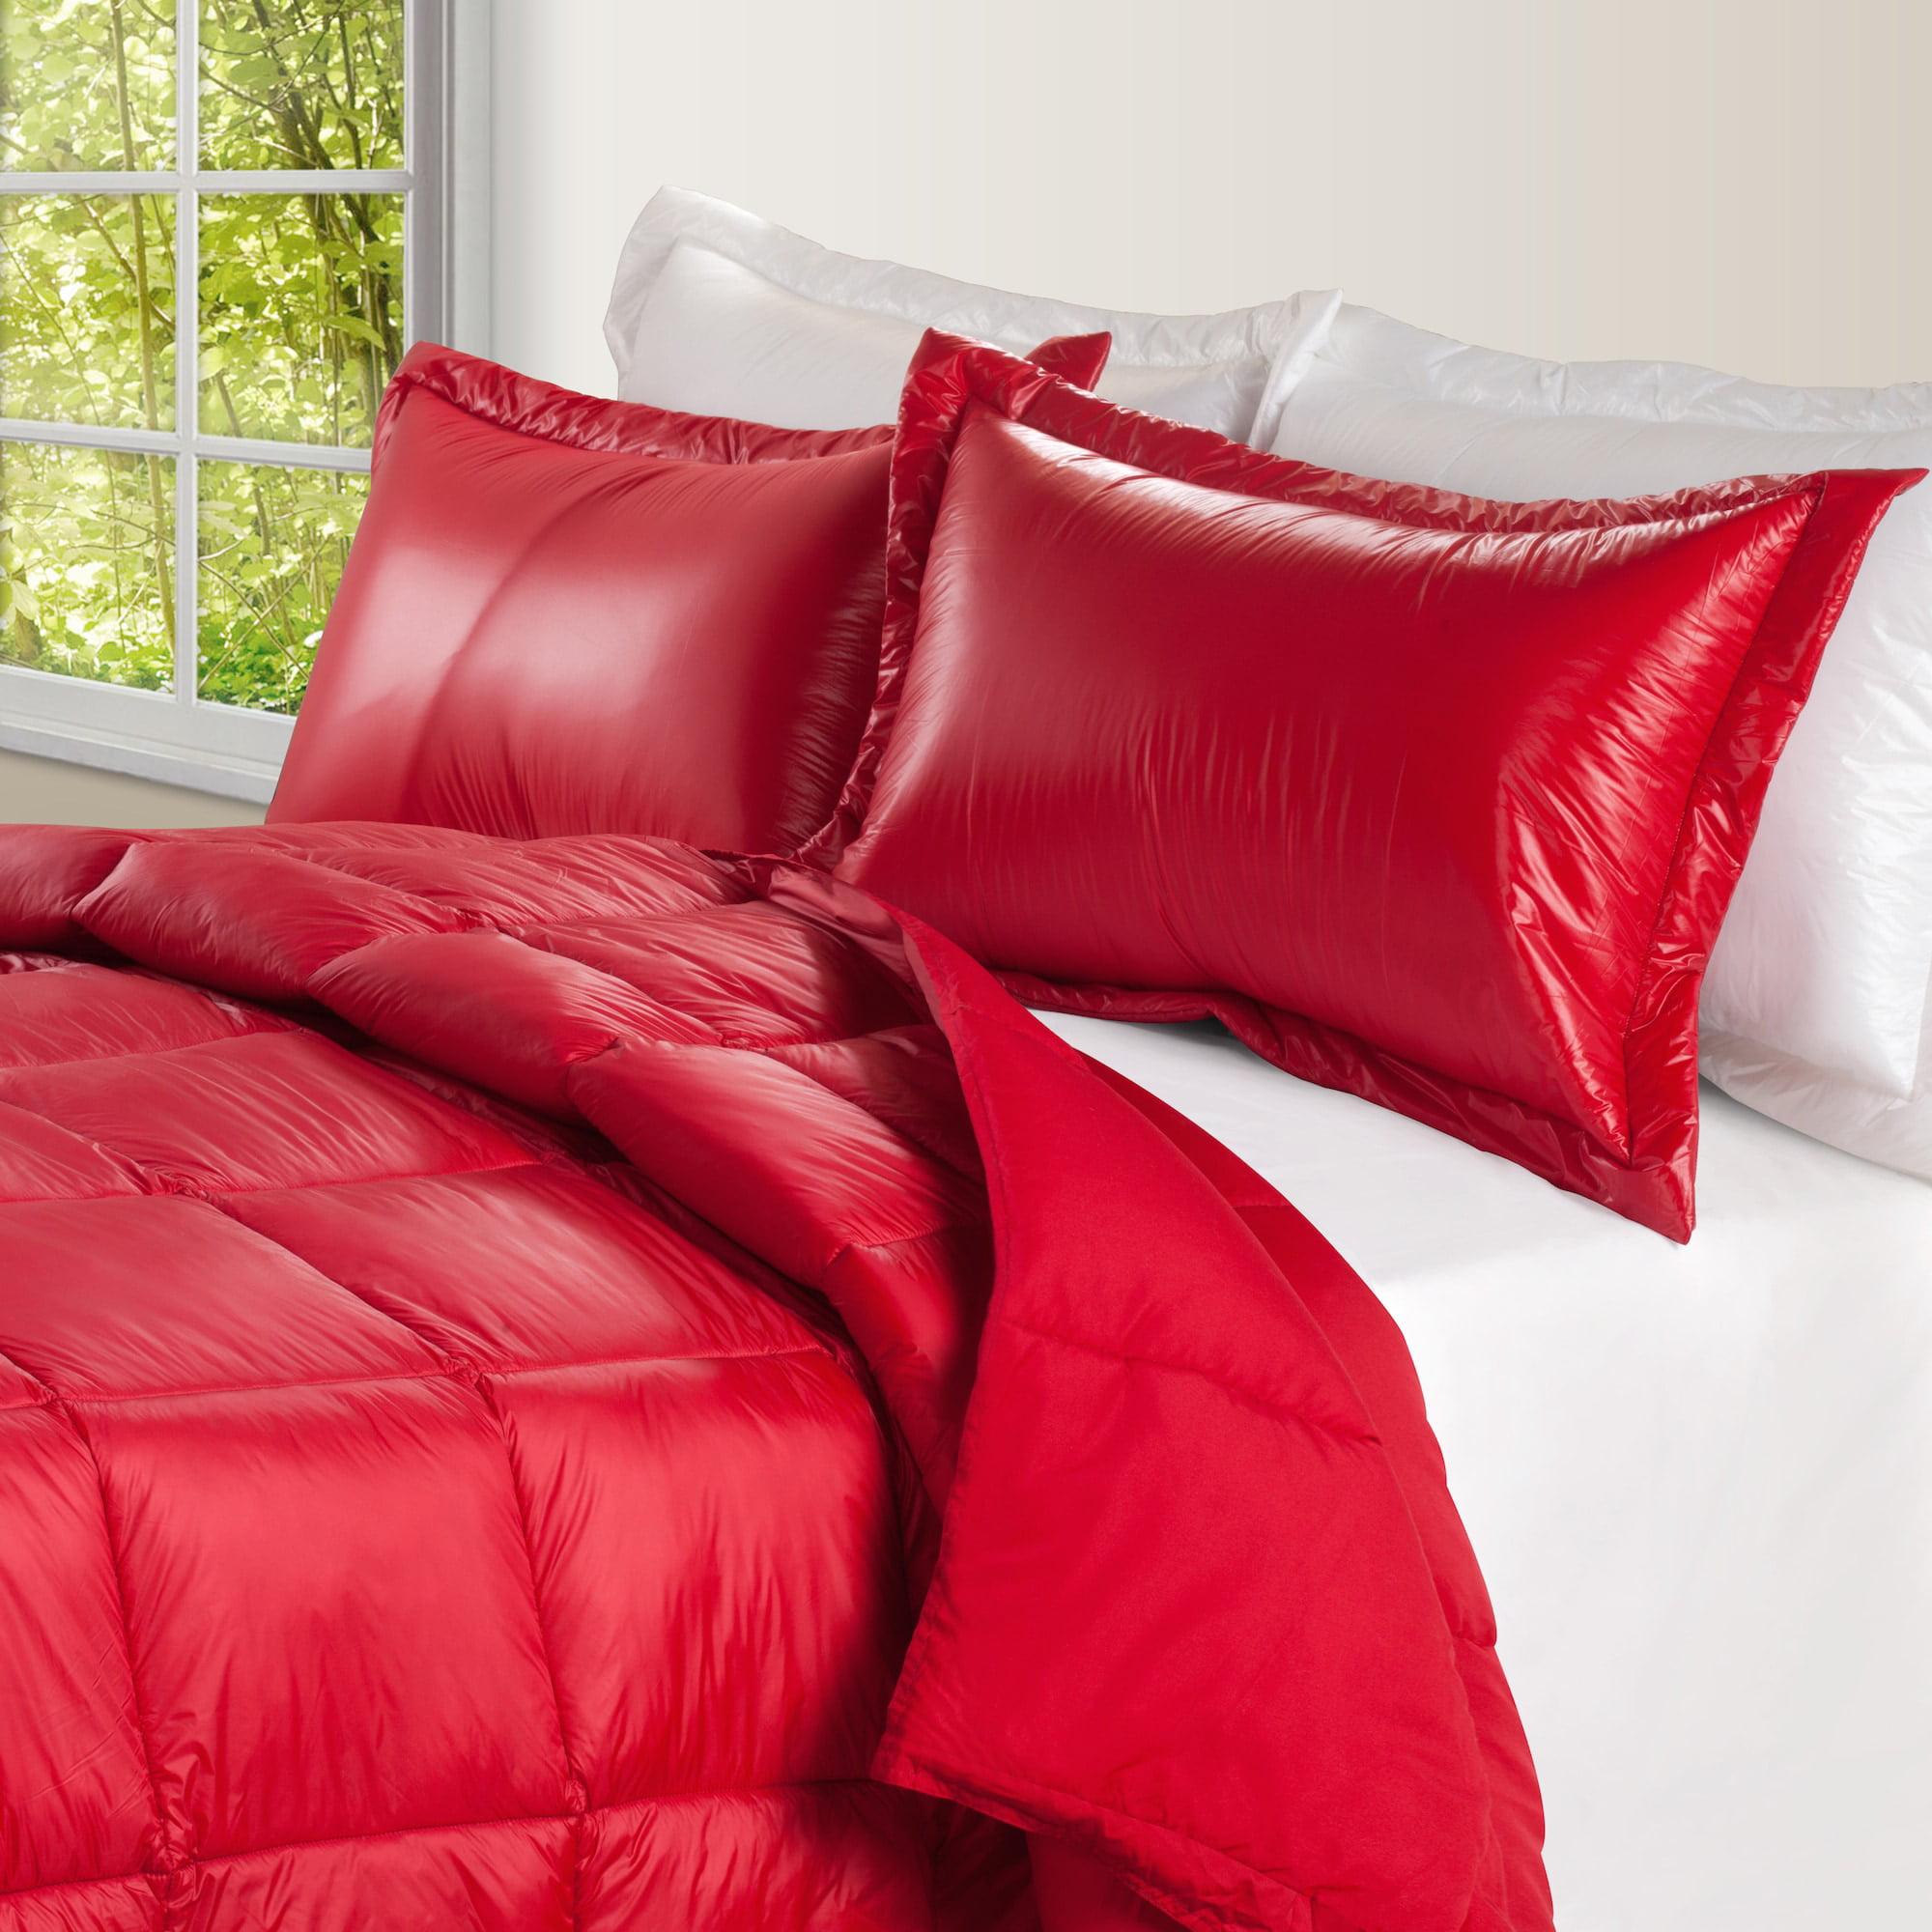 Ultralite Nylon Down Alternative Indoor/Outdoor Comforter Twin - Pewter